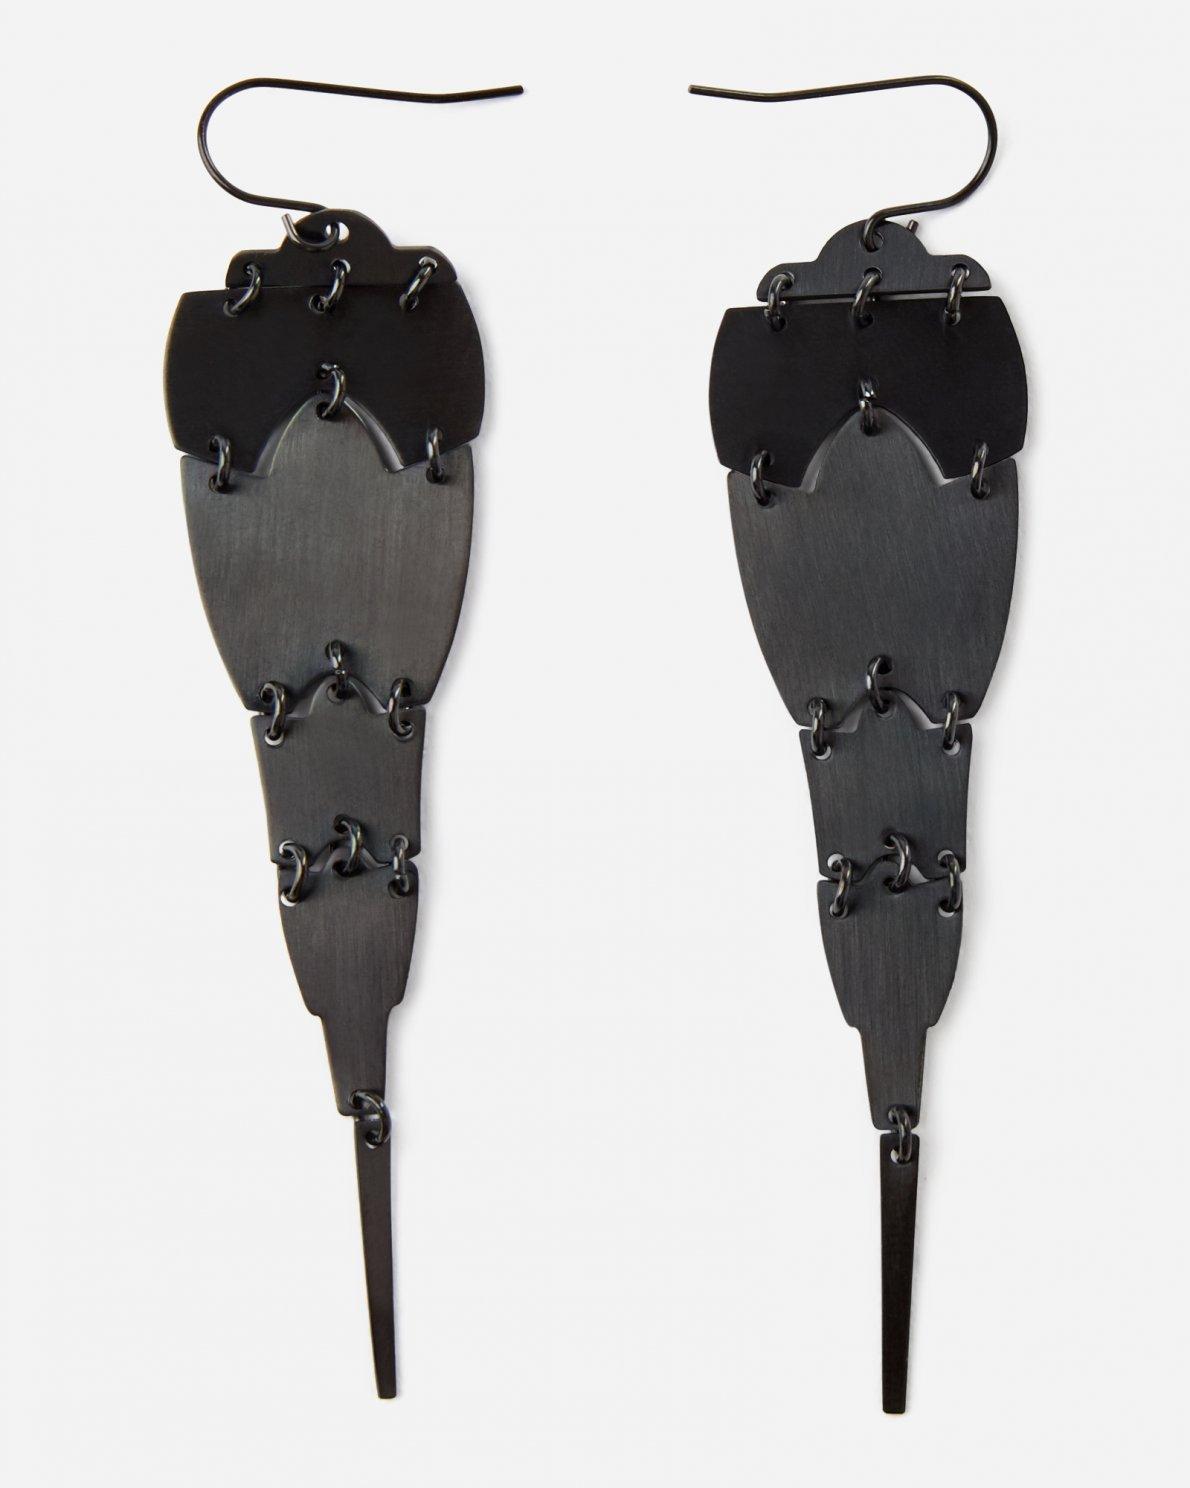 Fabriksnye OUTLET Jewellery - Moss Copenhagen - Lugo BR-45